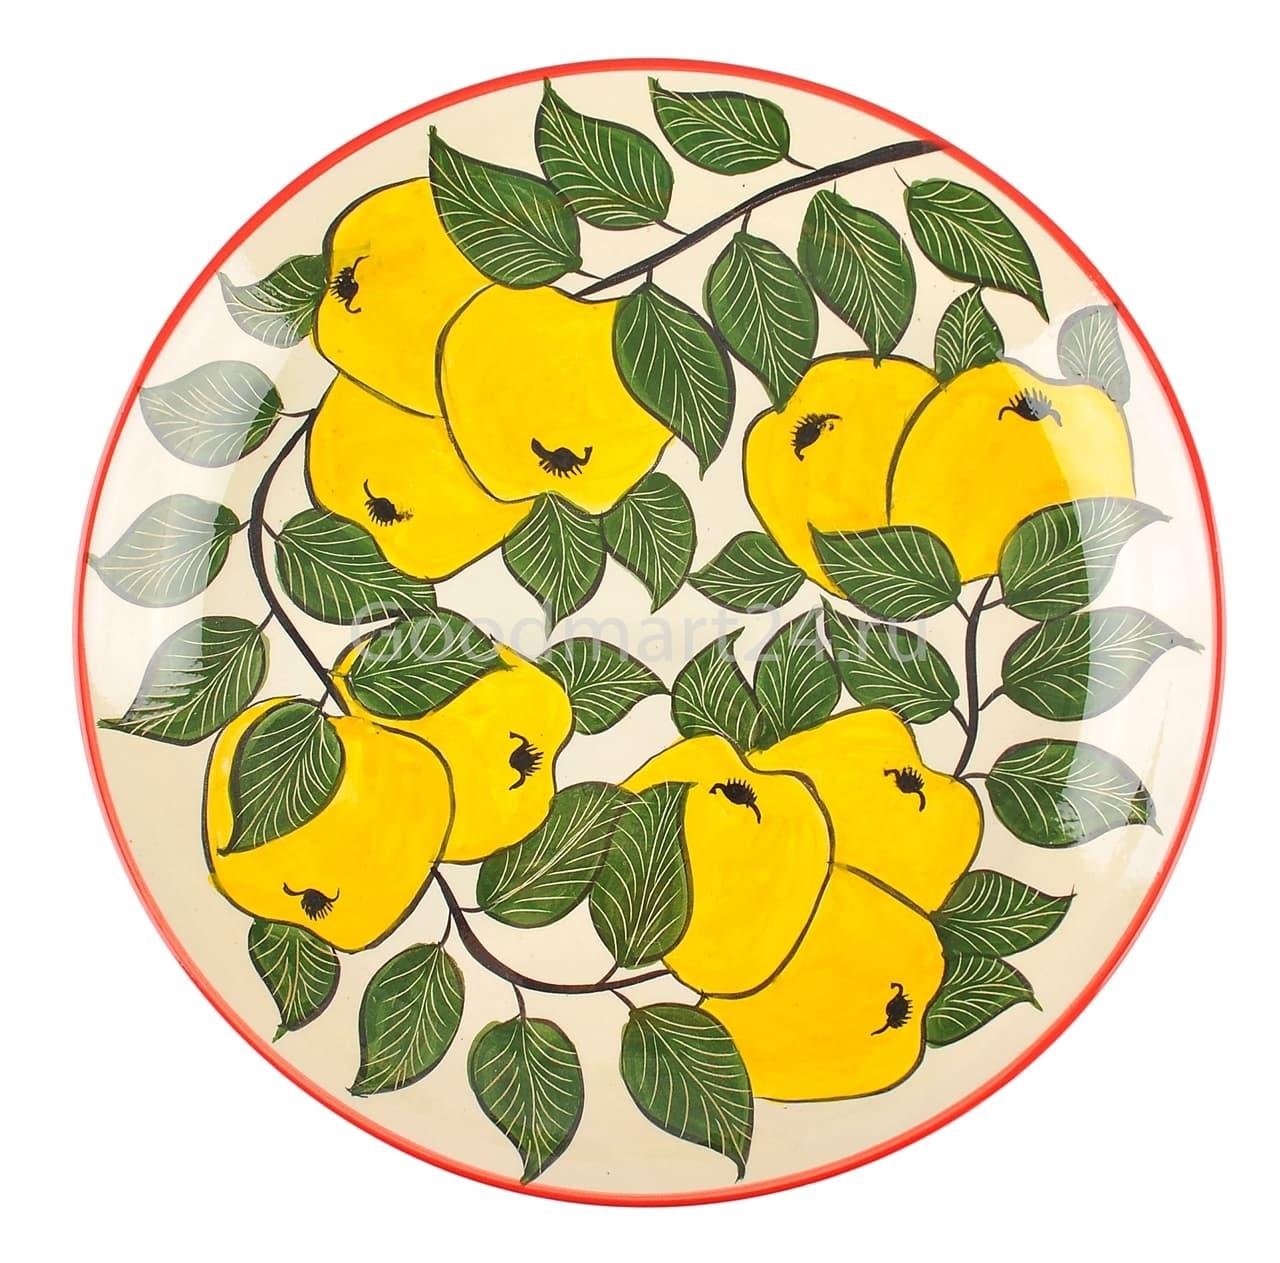 Ляган Риштанская Керамика 42 см. плоский, желтое яблоко - фото 7371